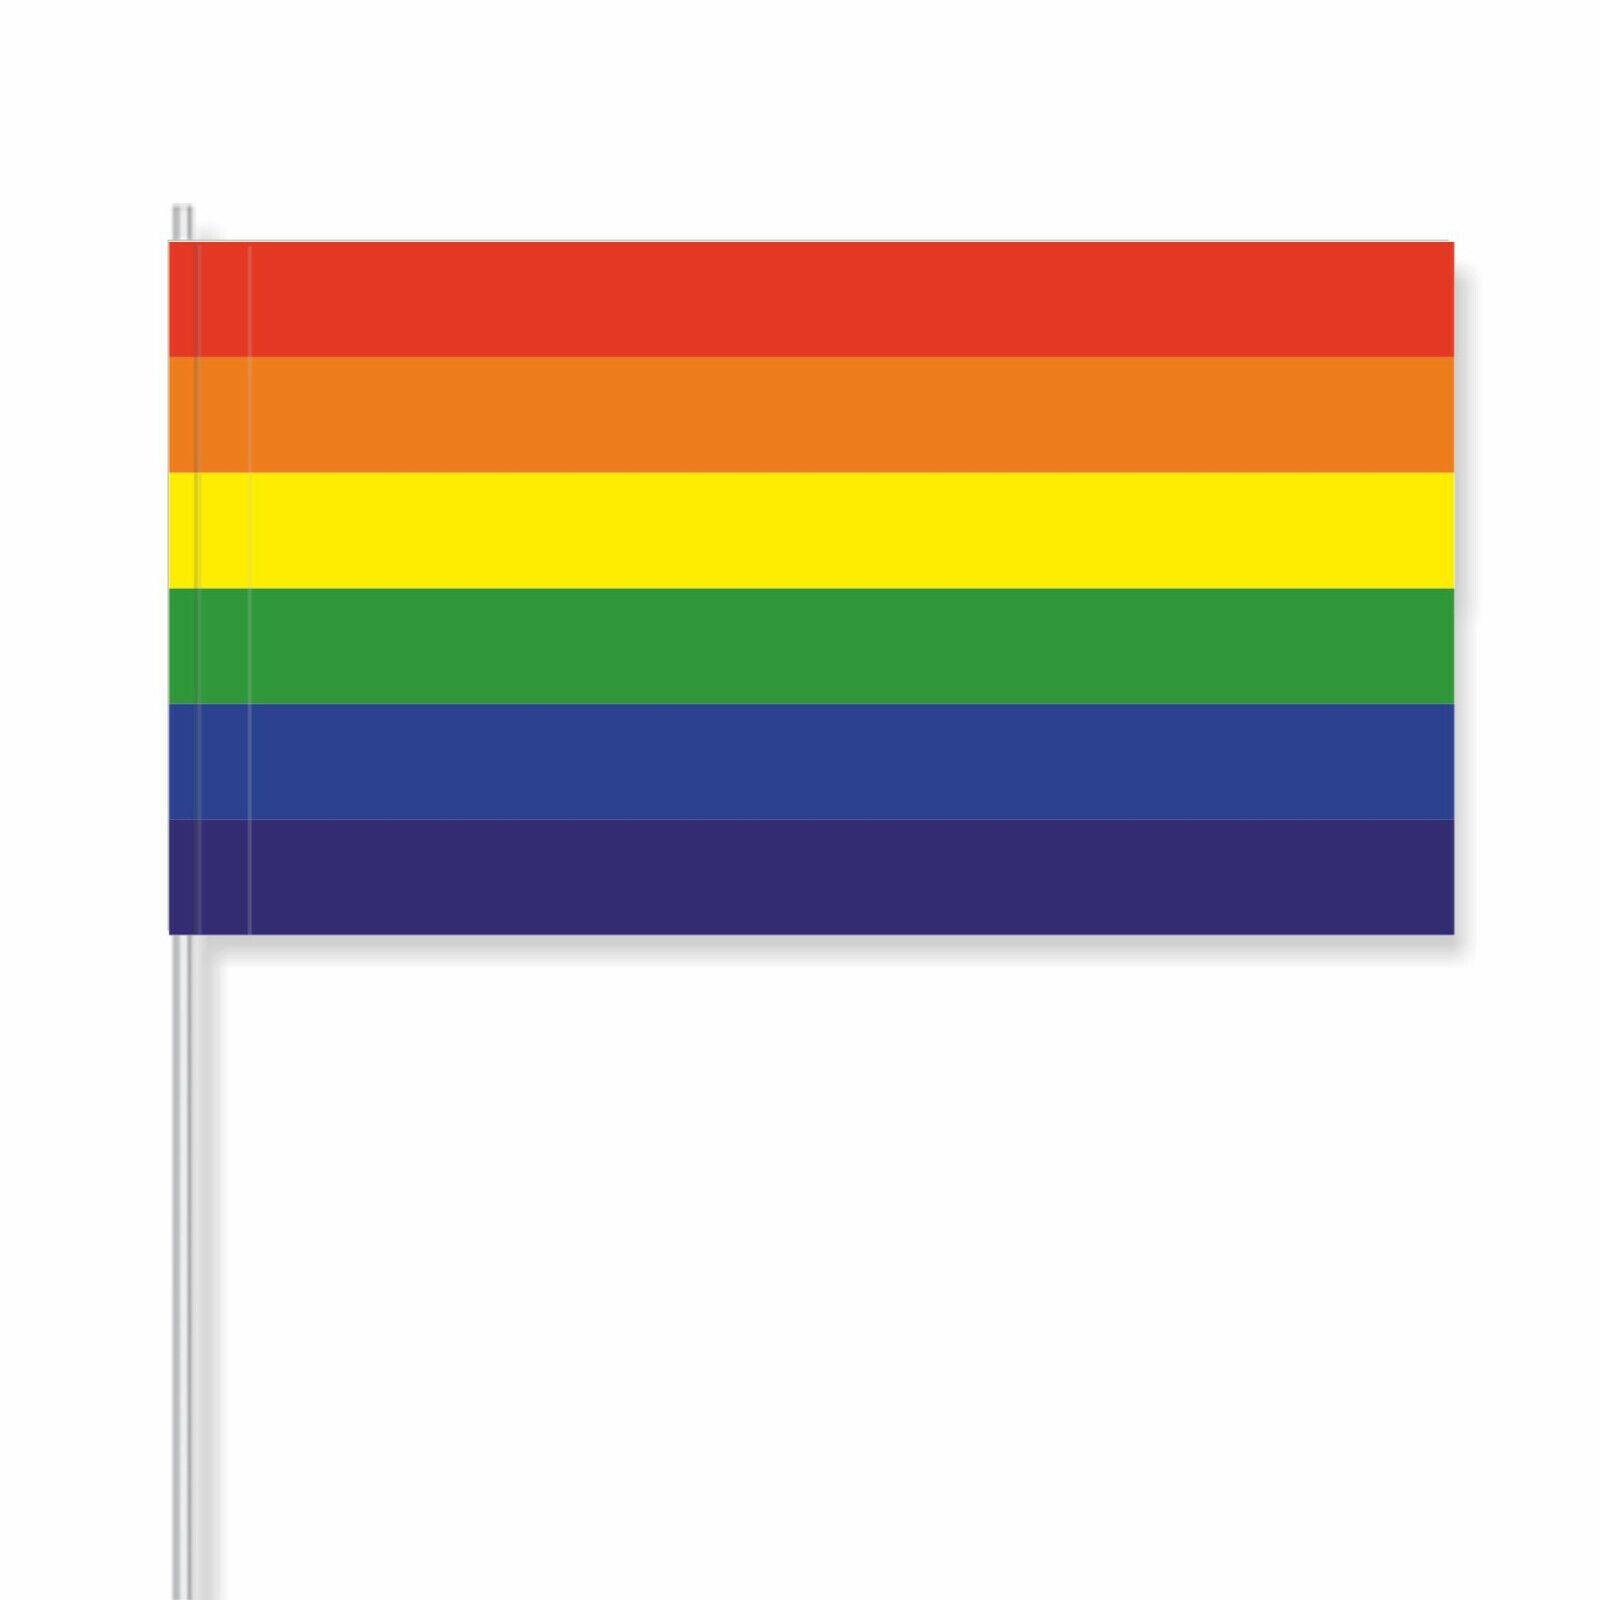 Papierfähnchen/Papierfahnen Regenbogen (Deko-Flagge) - FH